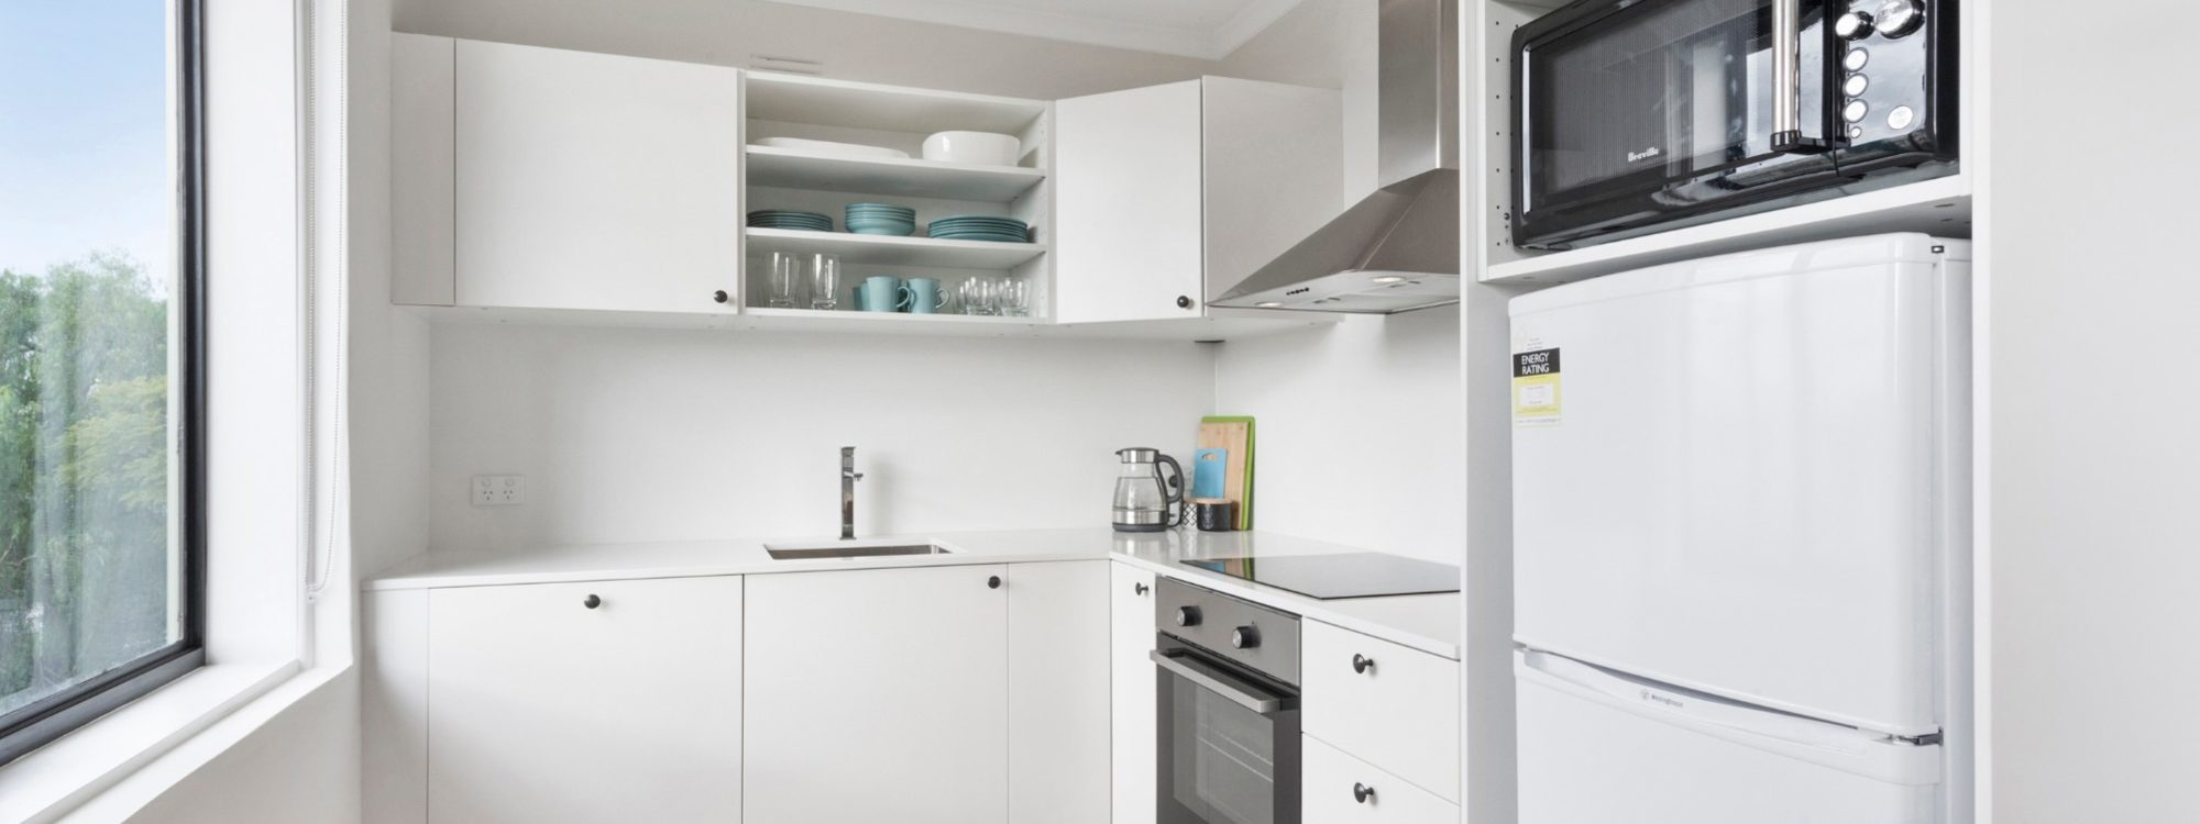 Aces Place Melbourne - Kitchen